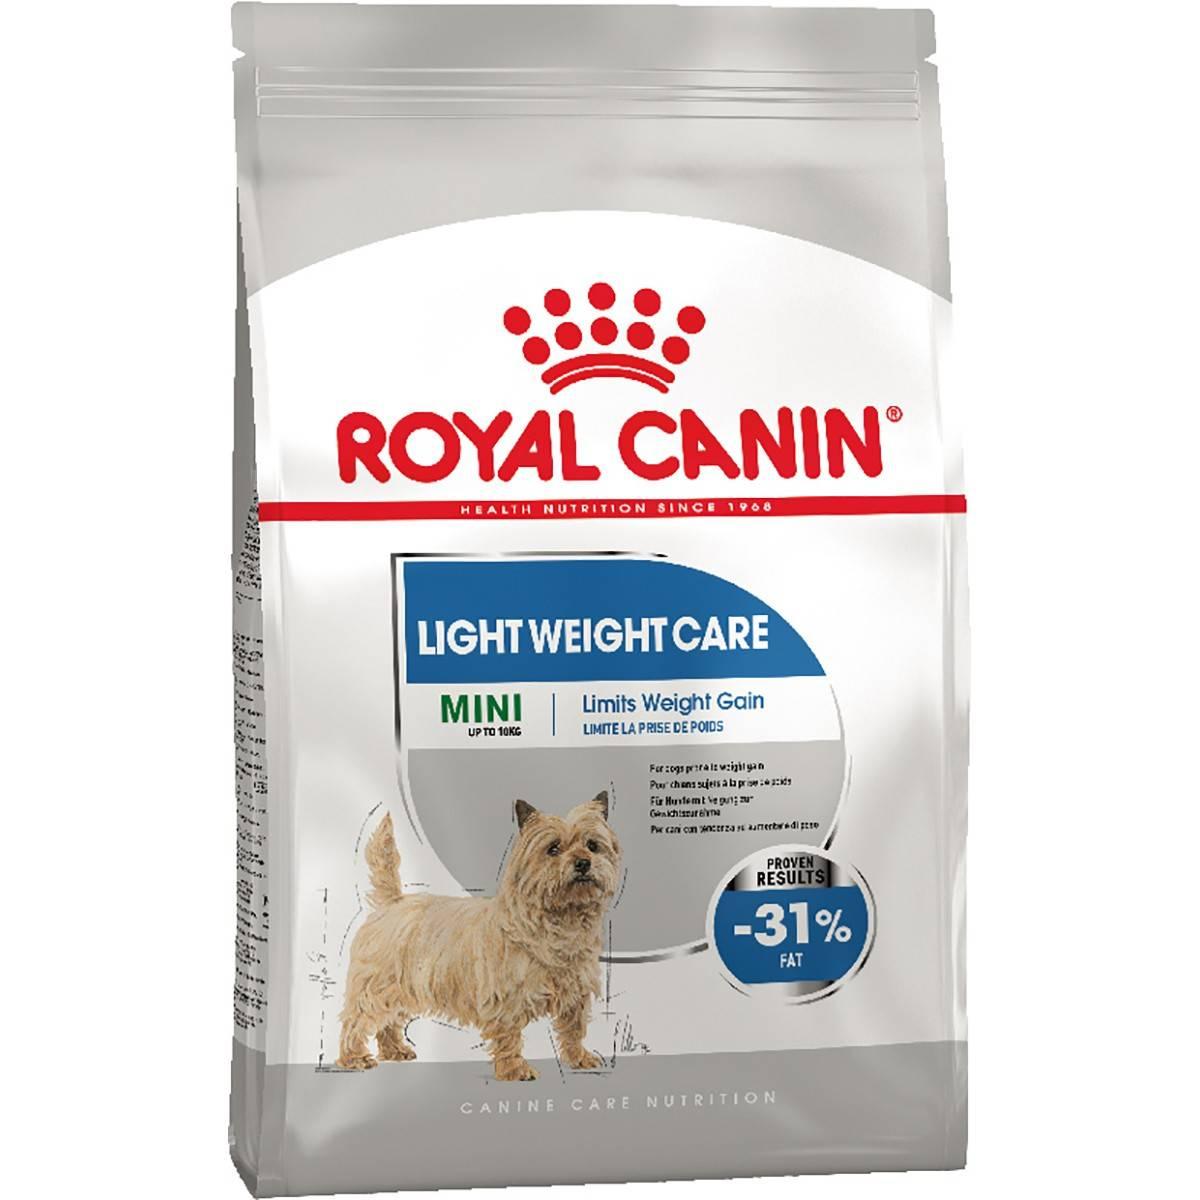 ROYAL CANIN MINI LIGHT WEIGHT CARE – сухий корм для собак дрібних порід, схильних до нбору надмірної ваги